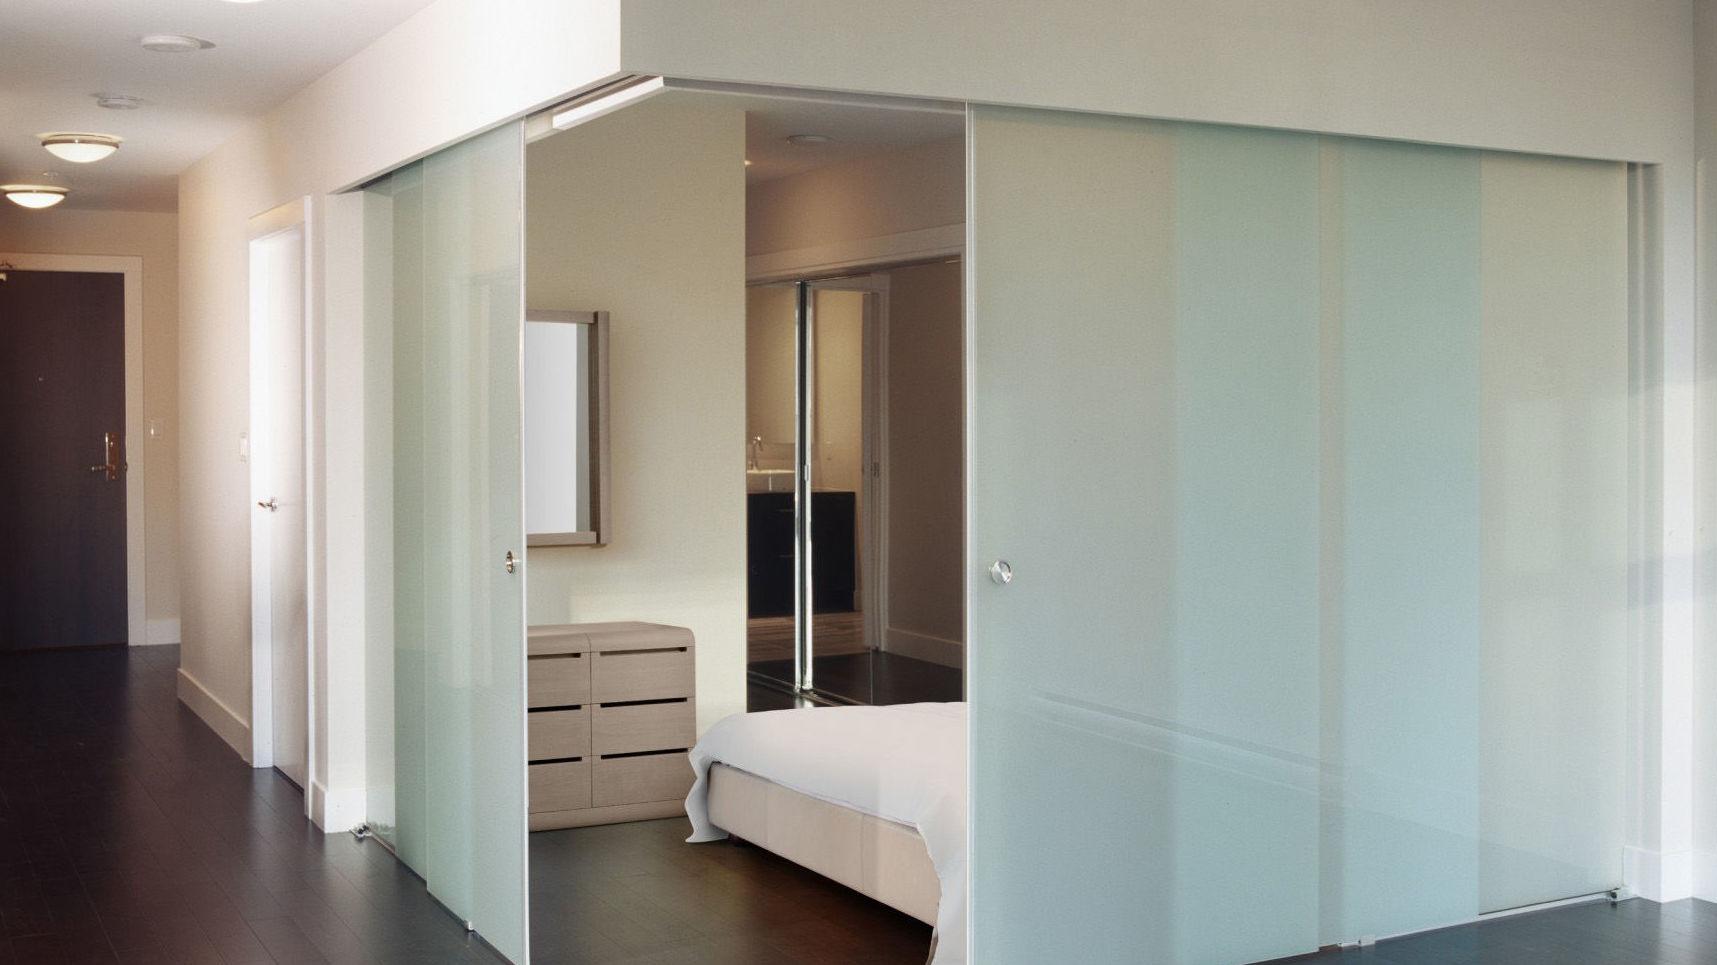 Cuatro puertas de cristal para separar habitación